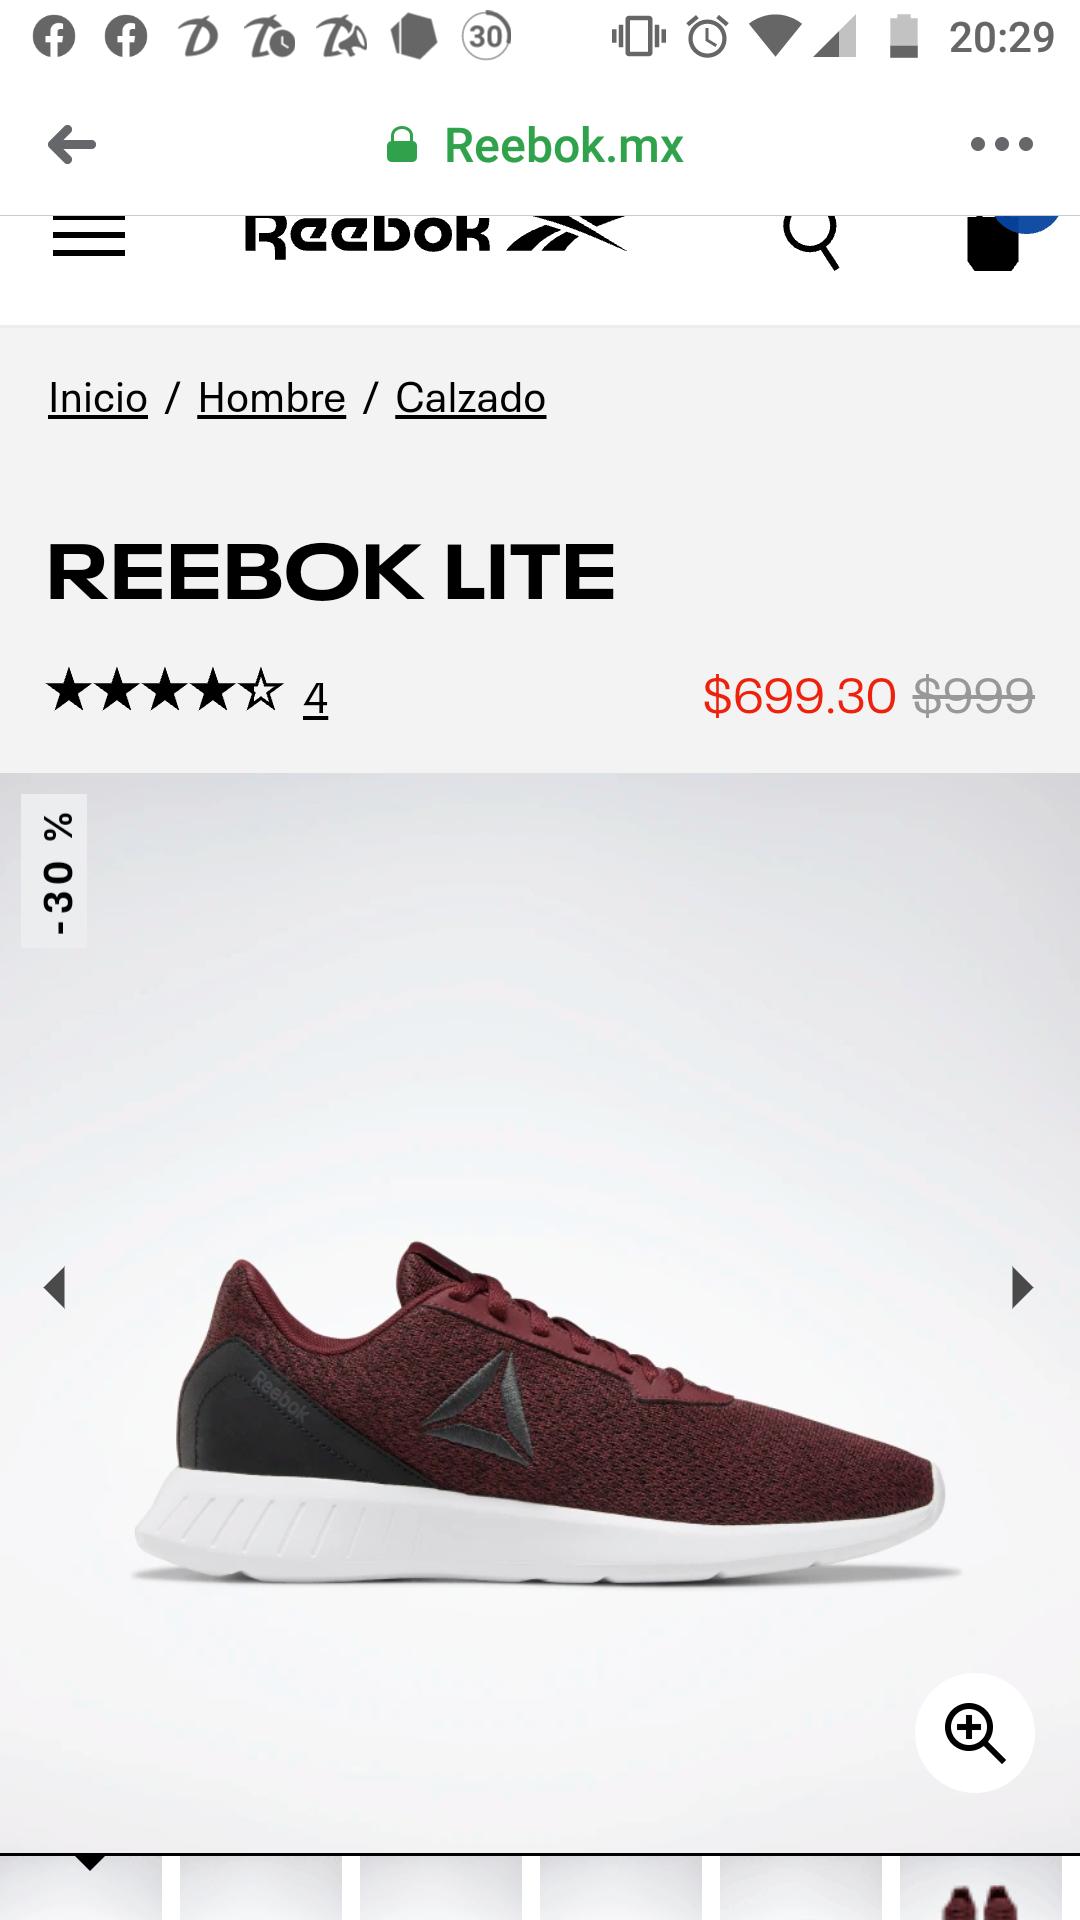 Reebok: Tennis Rebook Lite